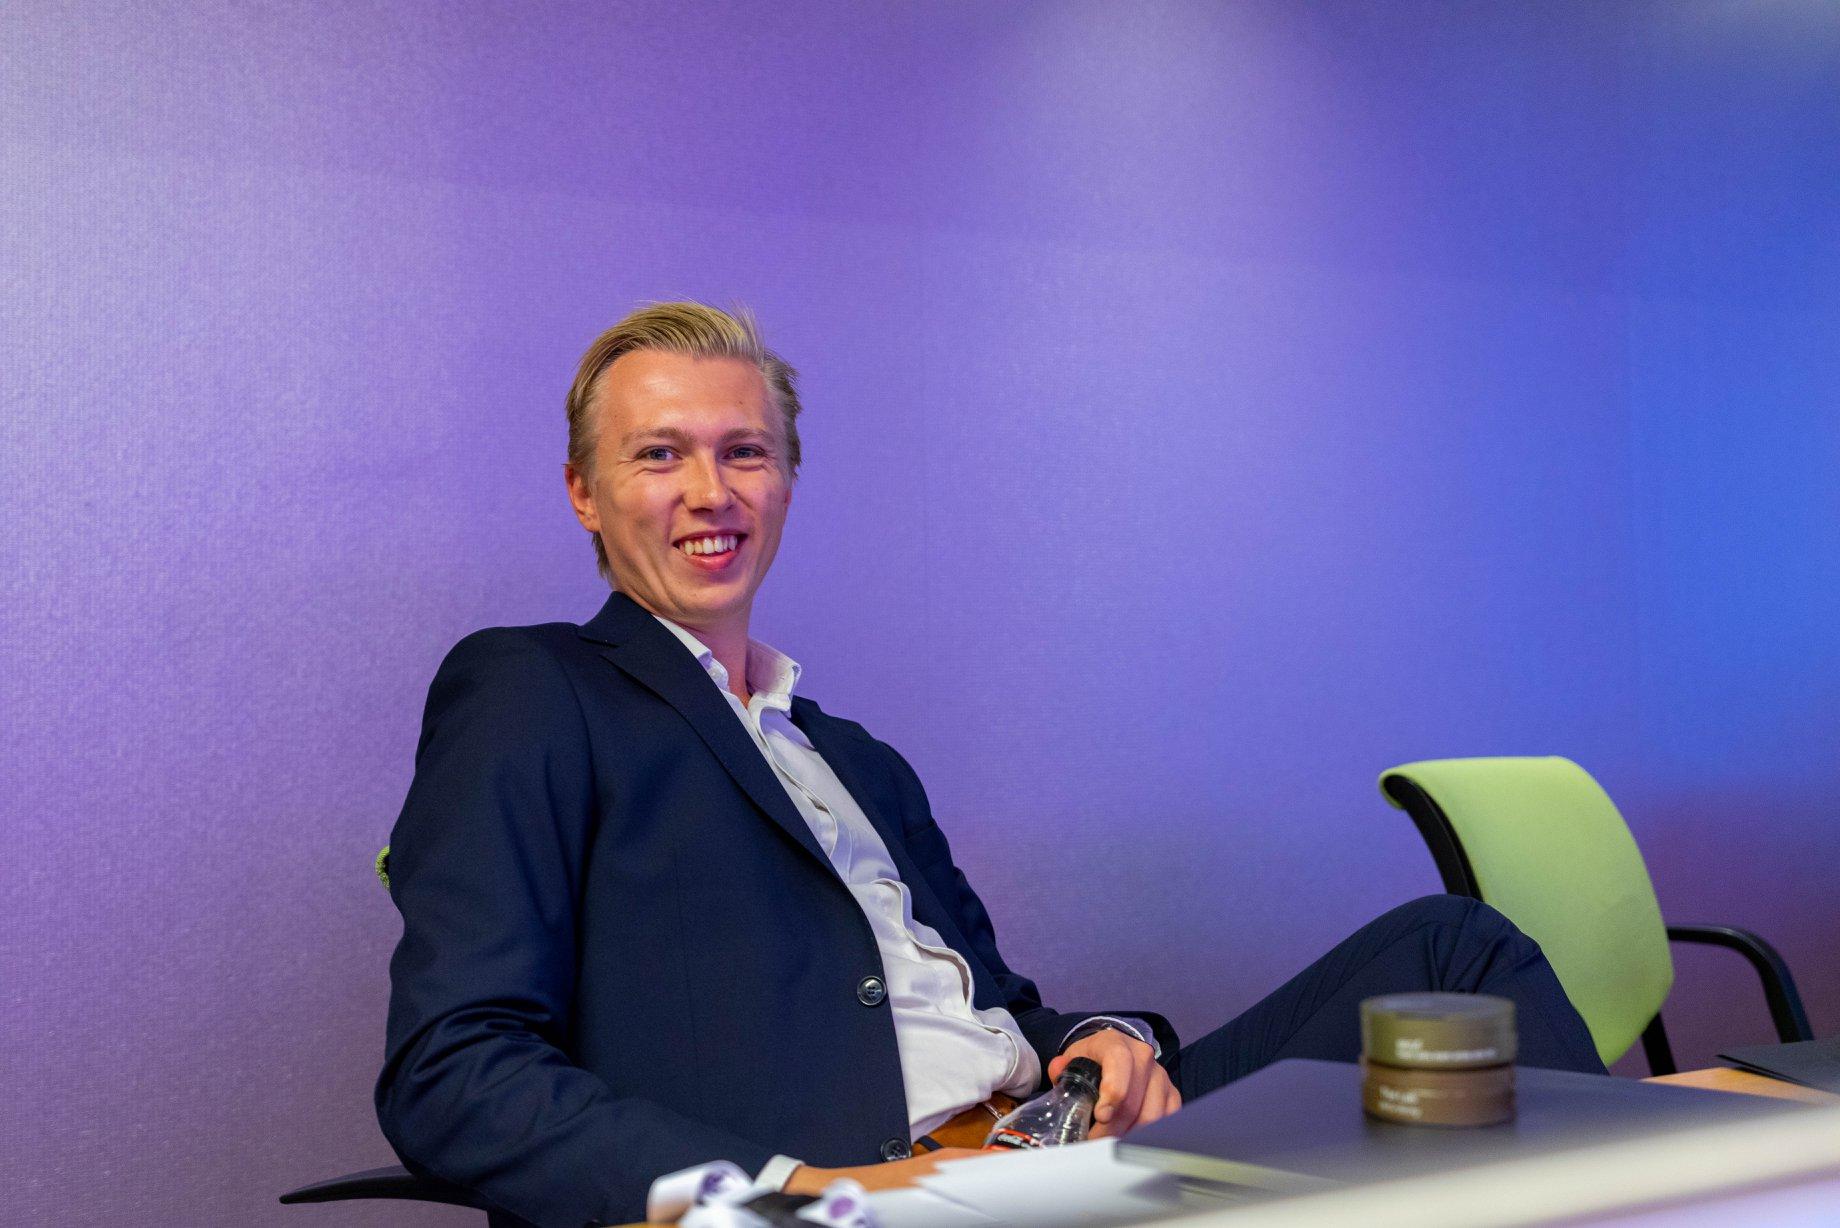 Andreas Ingebretsen er FpUs nye generalsekretær!